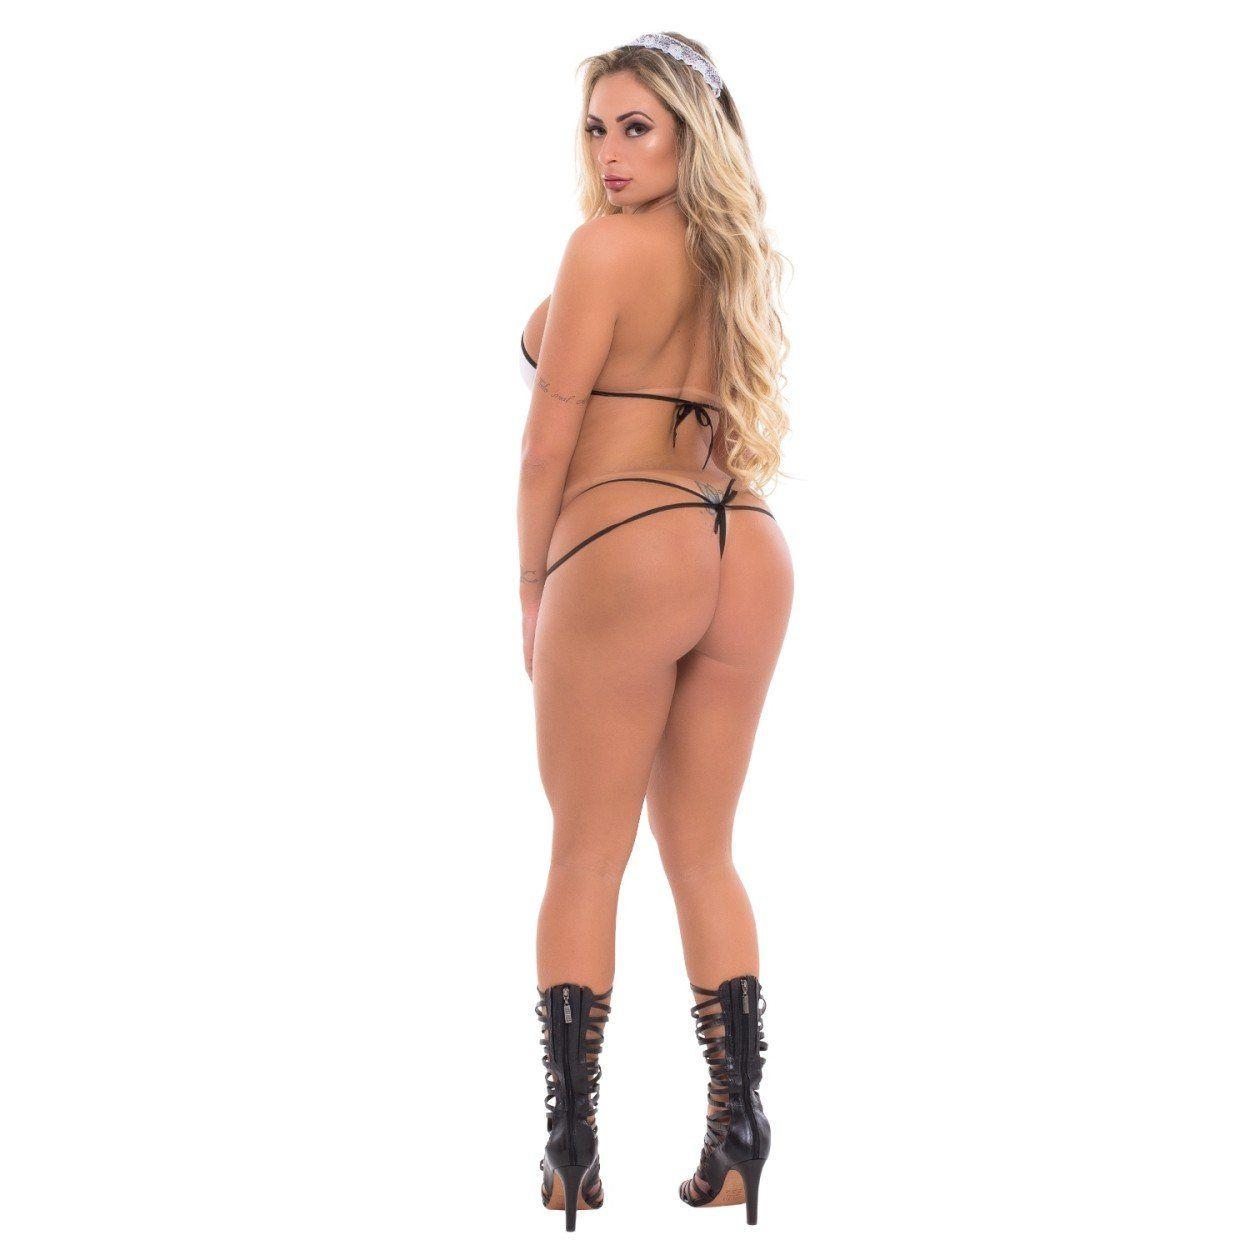 Fantasia Empregadinha Inara Pocket  - Sex Shop Cuiaba - Sexshop - Sexyshop - Produtos Eróticos